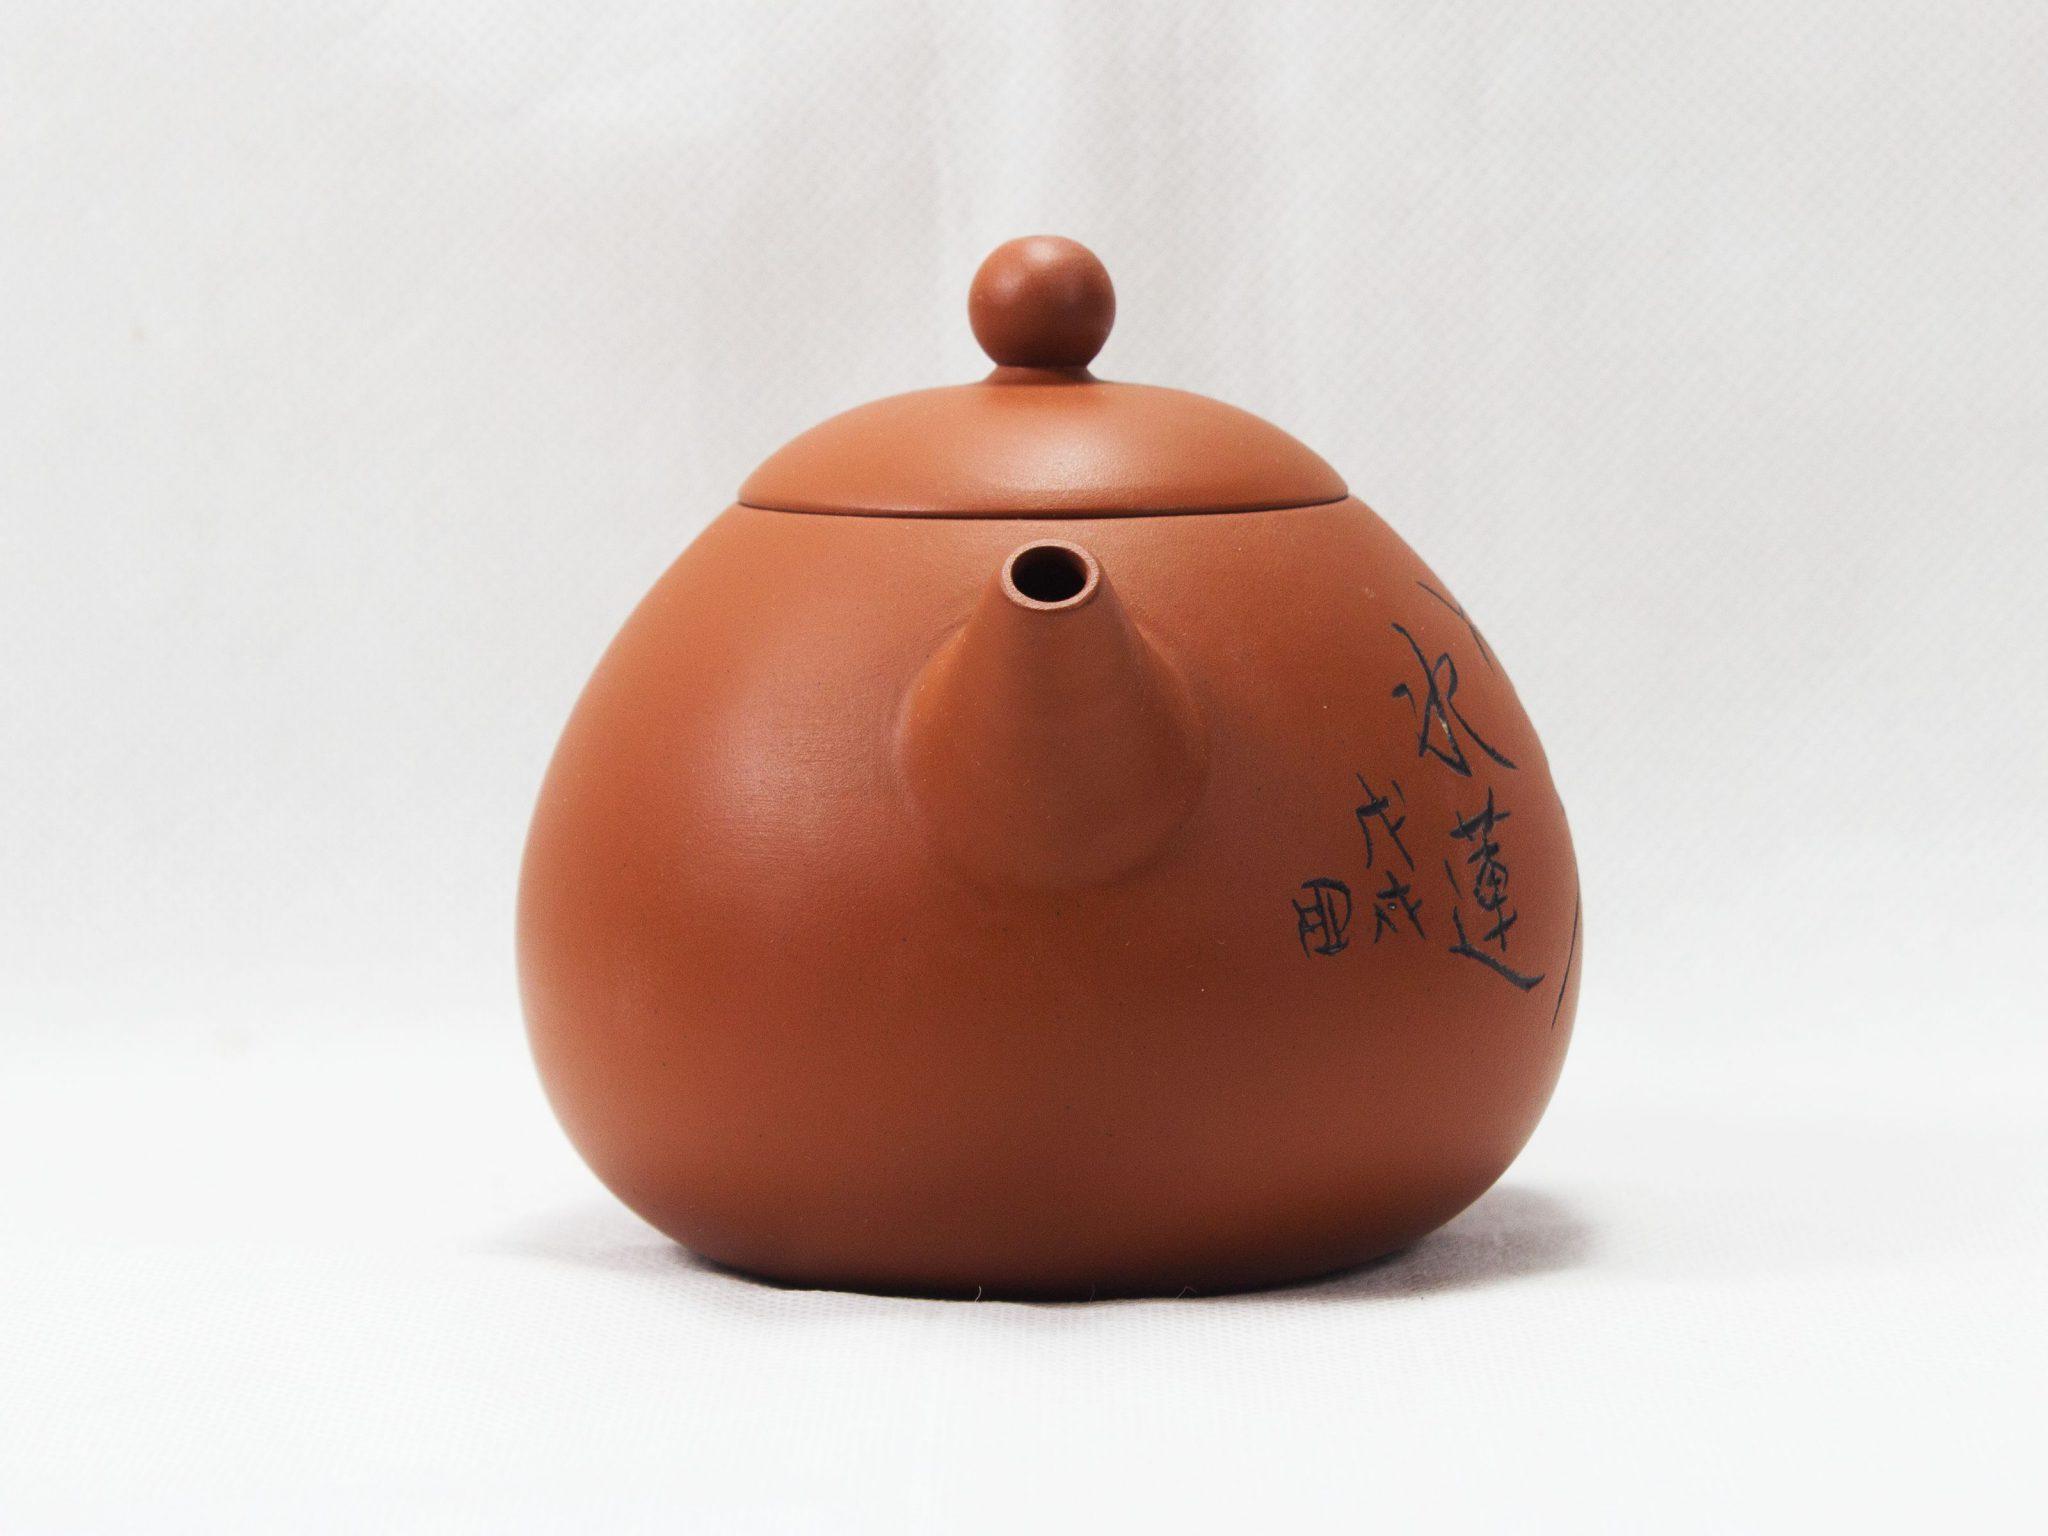 sử dụng ấm đất để lưu giữ hương vị trà lâu hơn